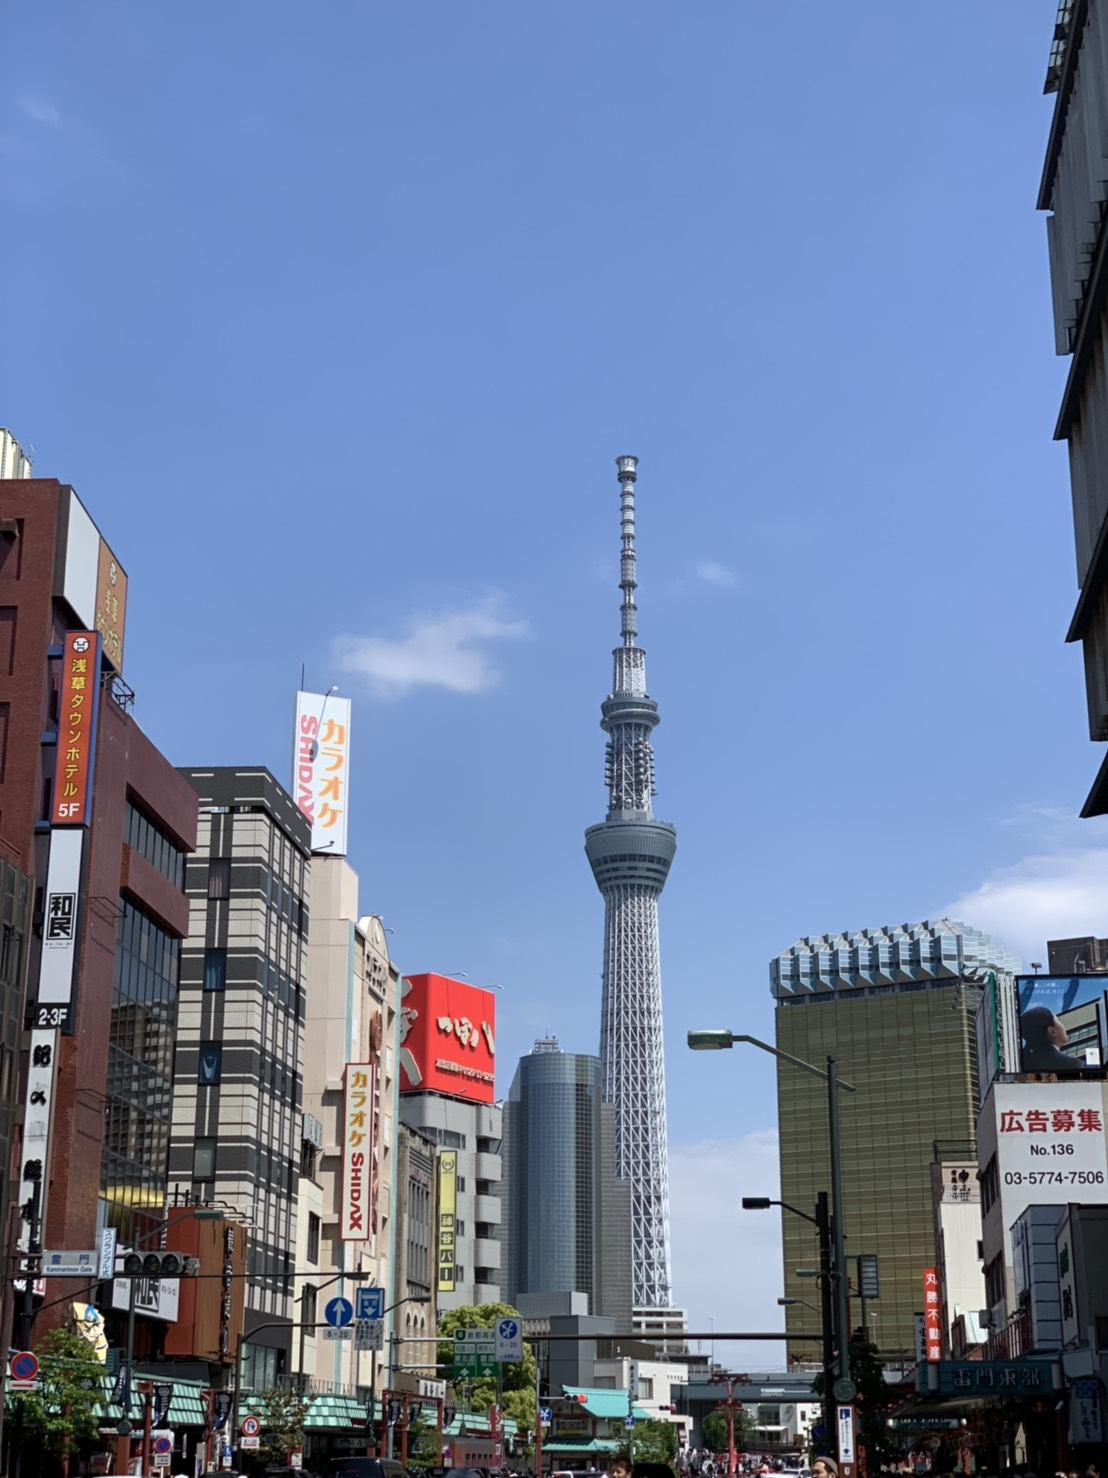 晴空塔是於日本東京都墨田區的電波塔